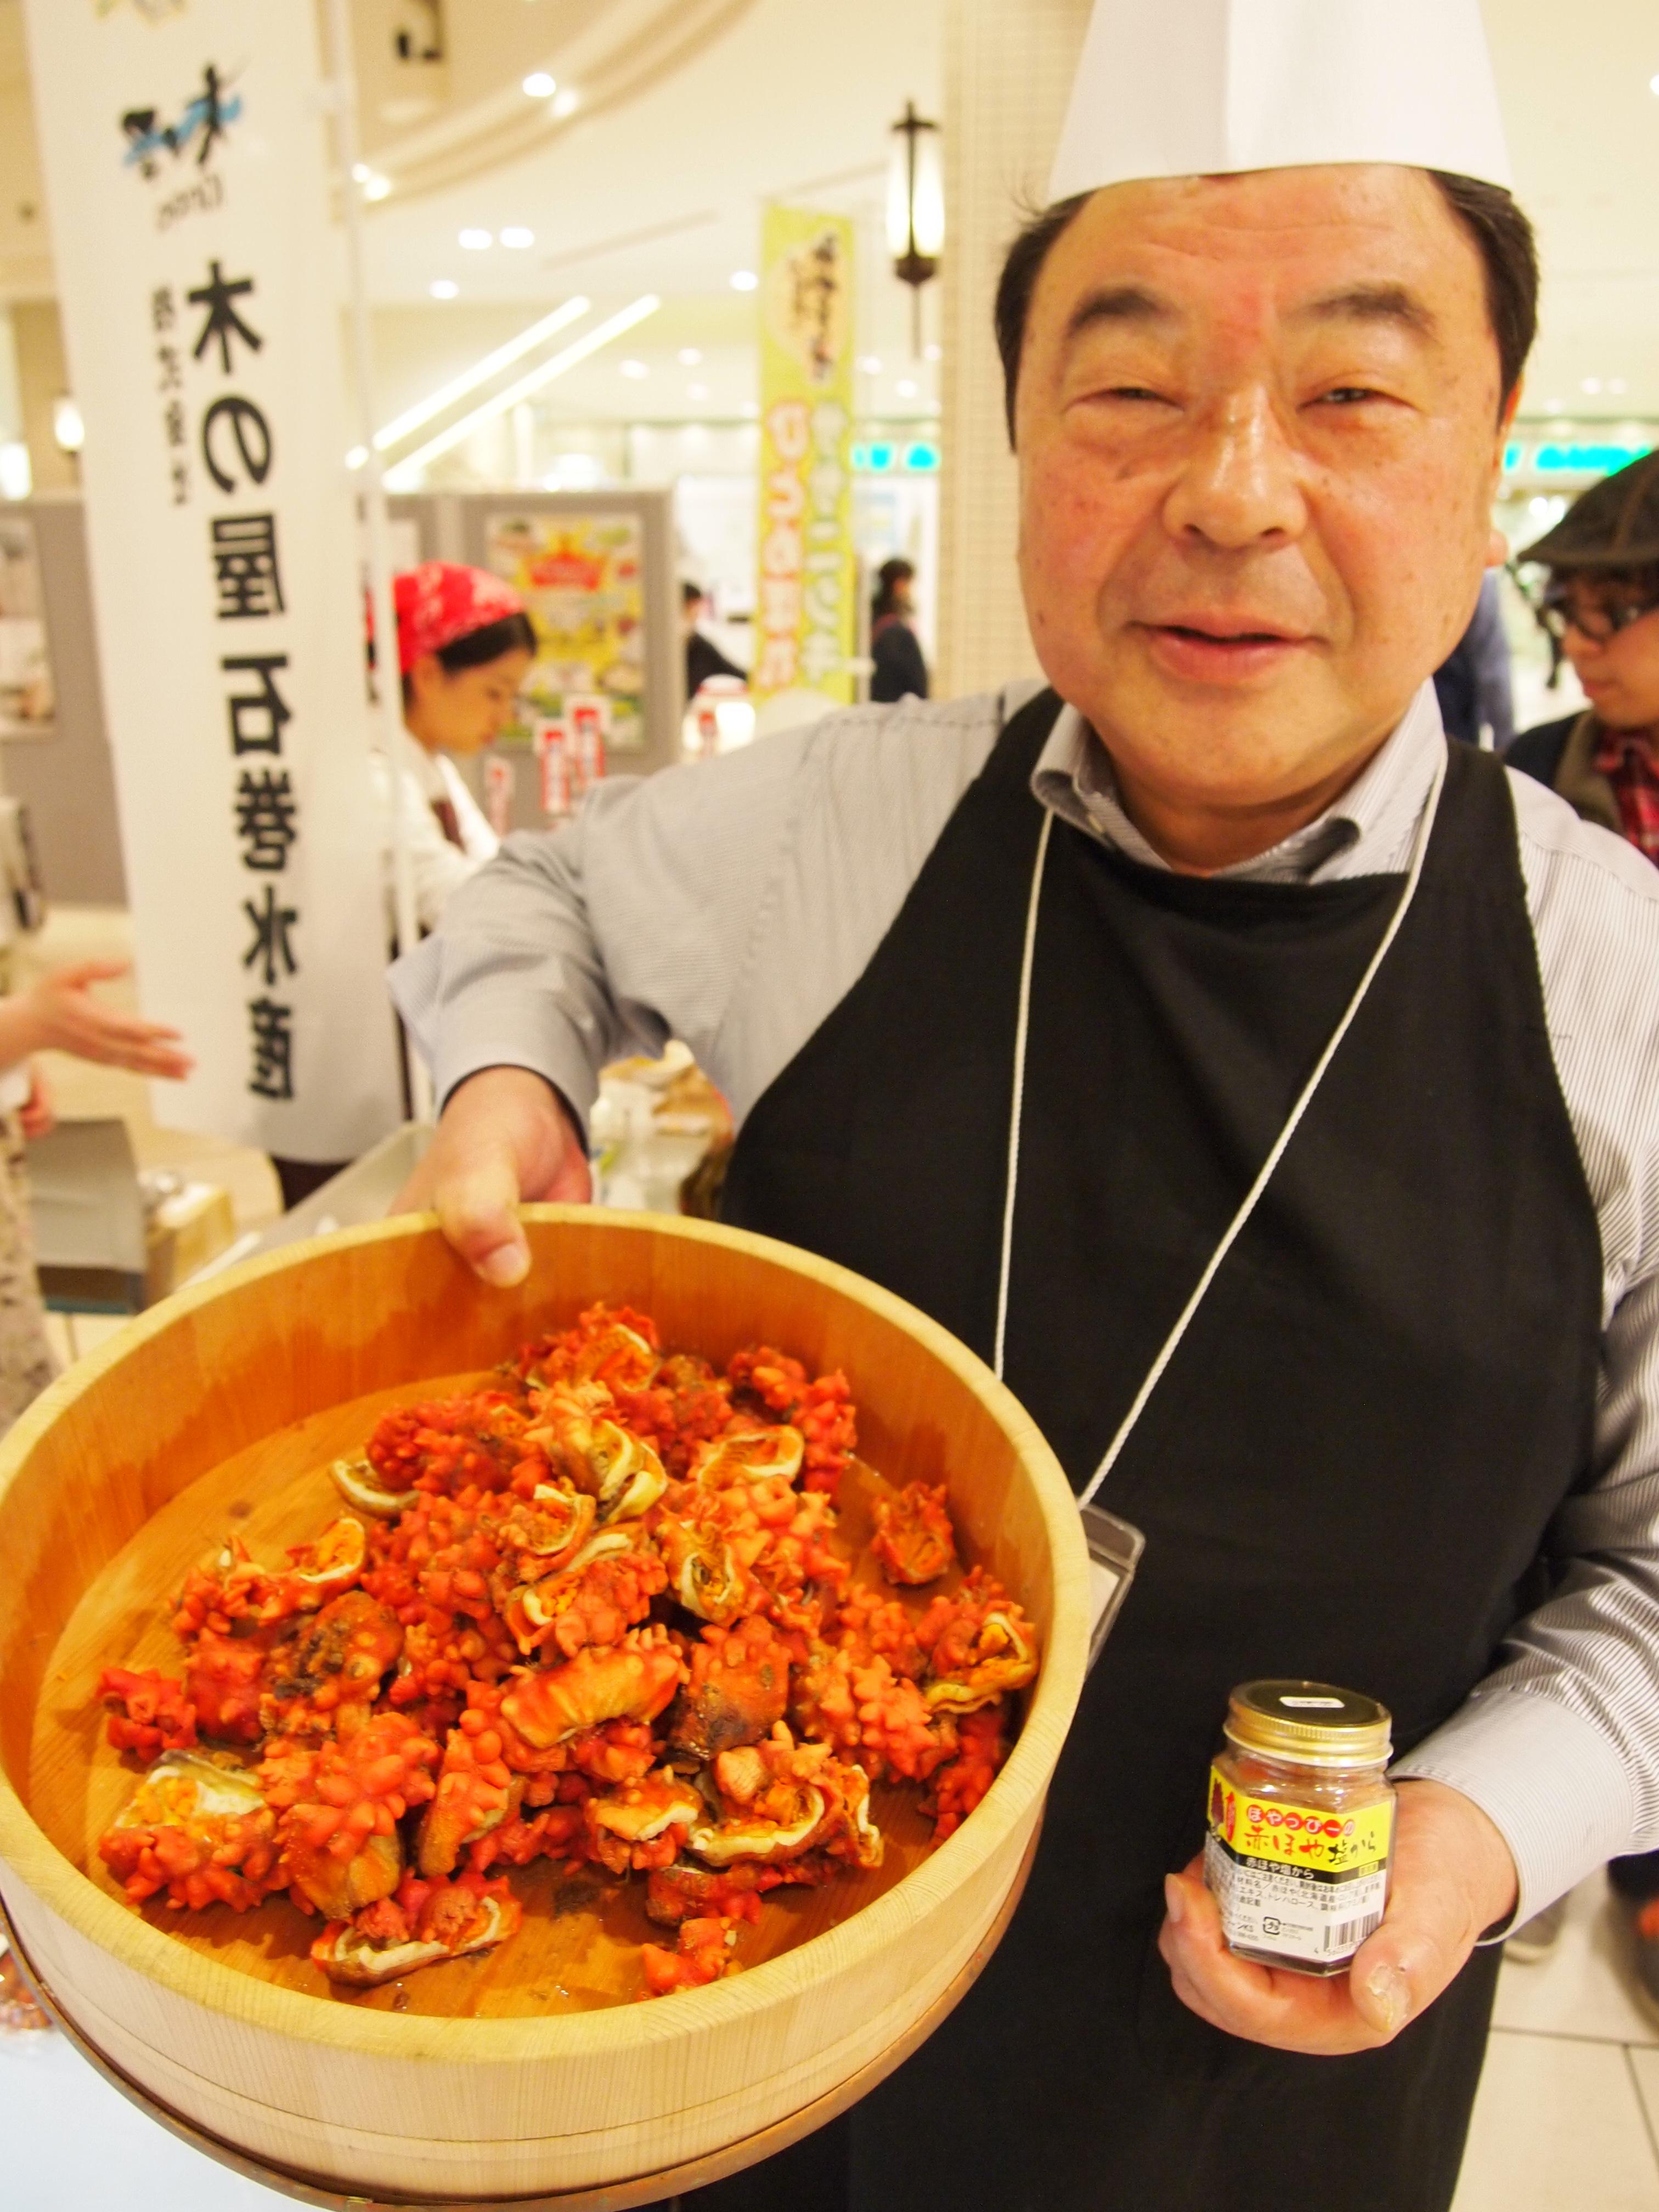 「ほやおやじ」こと木村さん。じっくりボイルした殻付きホヤが一番のおすすめ